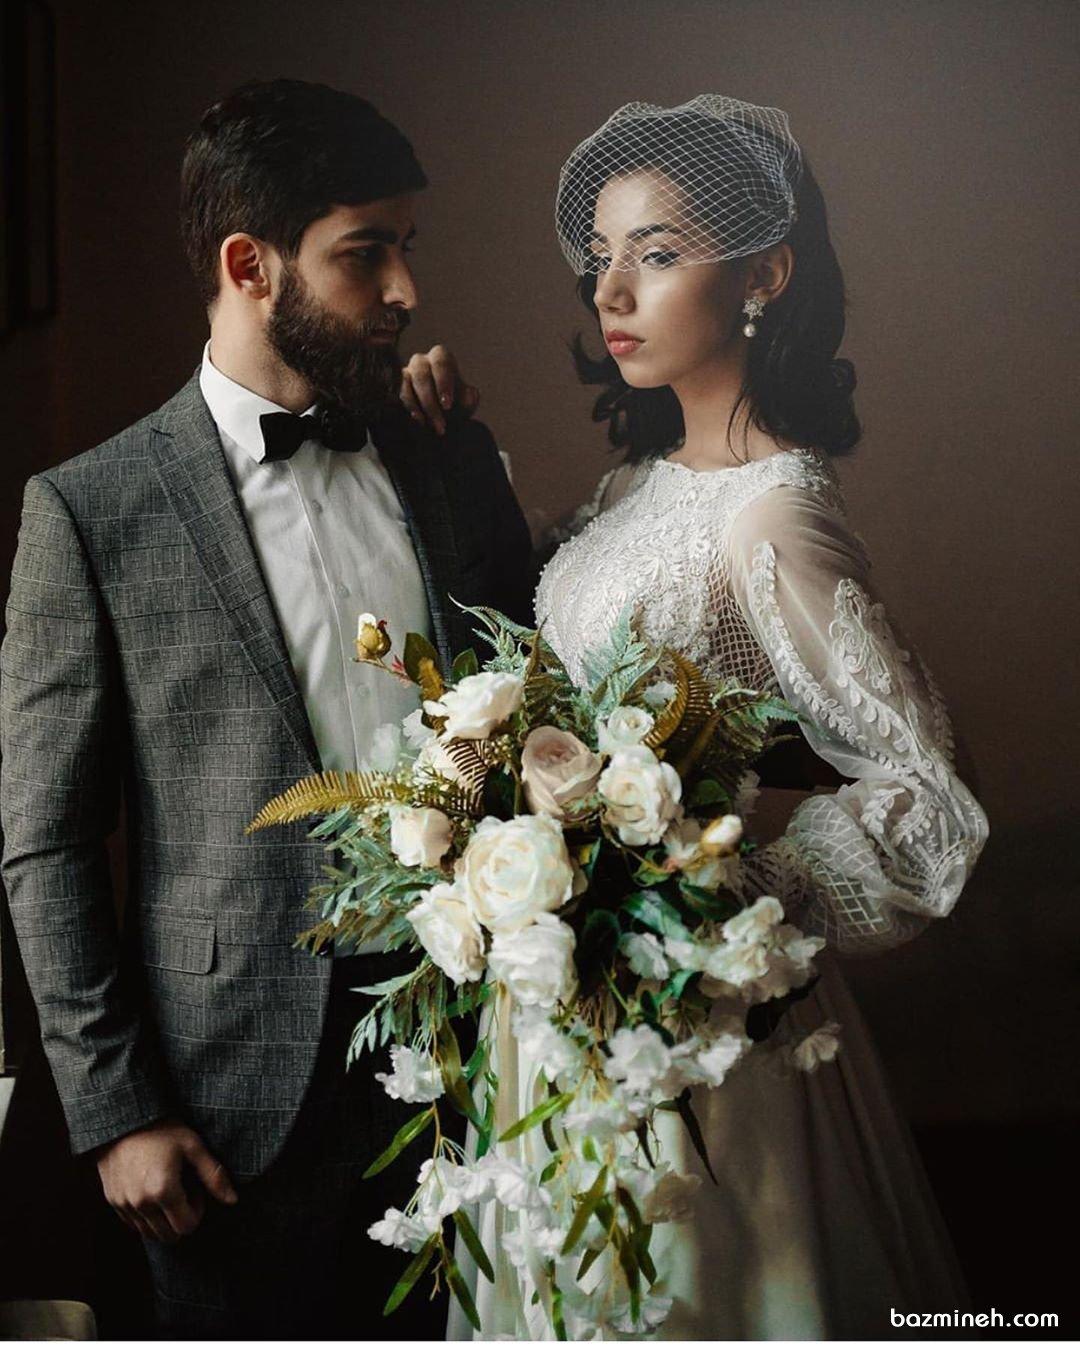 بزرگترین اشتباه دختران در انتخاب همسر